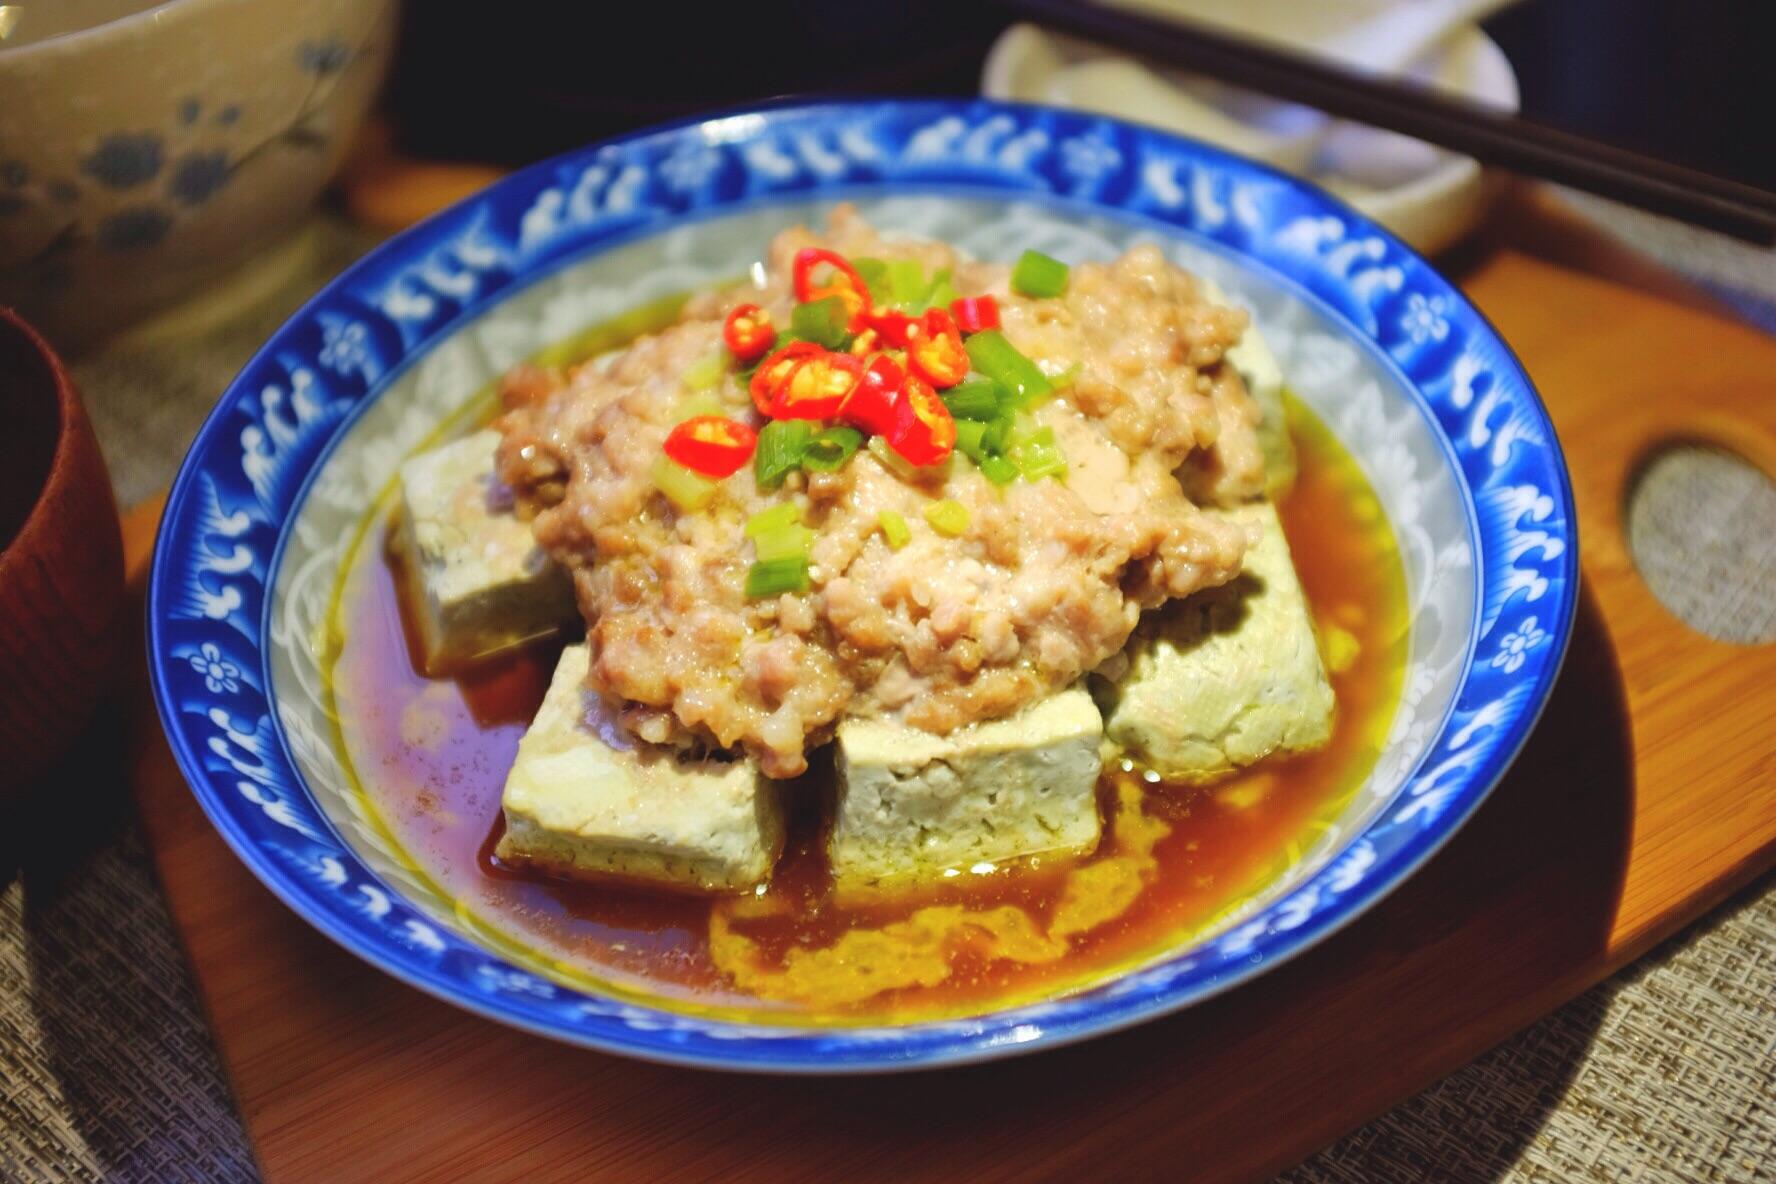 爪子蒸臭豆腐#肉末上首页挑战家常菜#的做法_菜谱_豆鸡我要v爪子图片